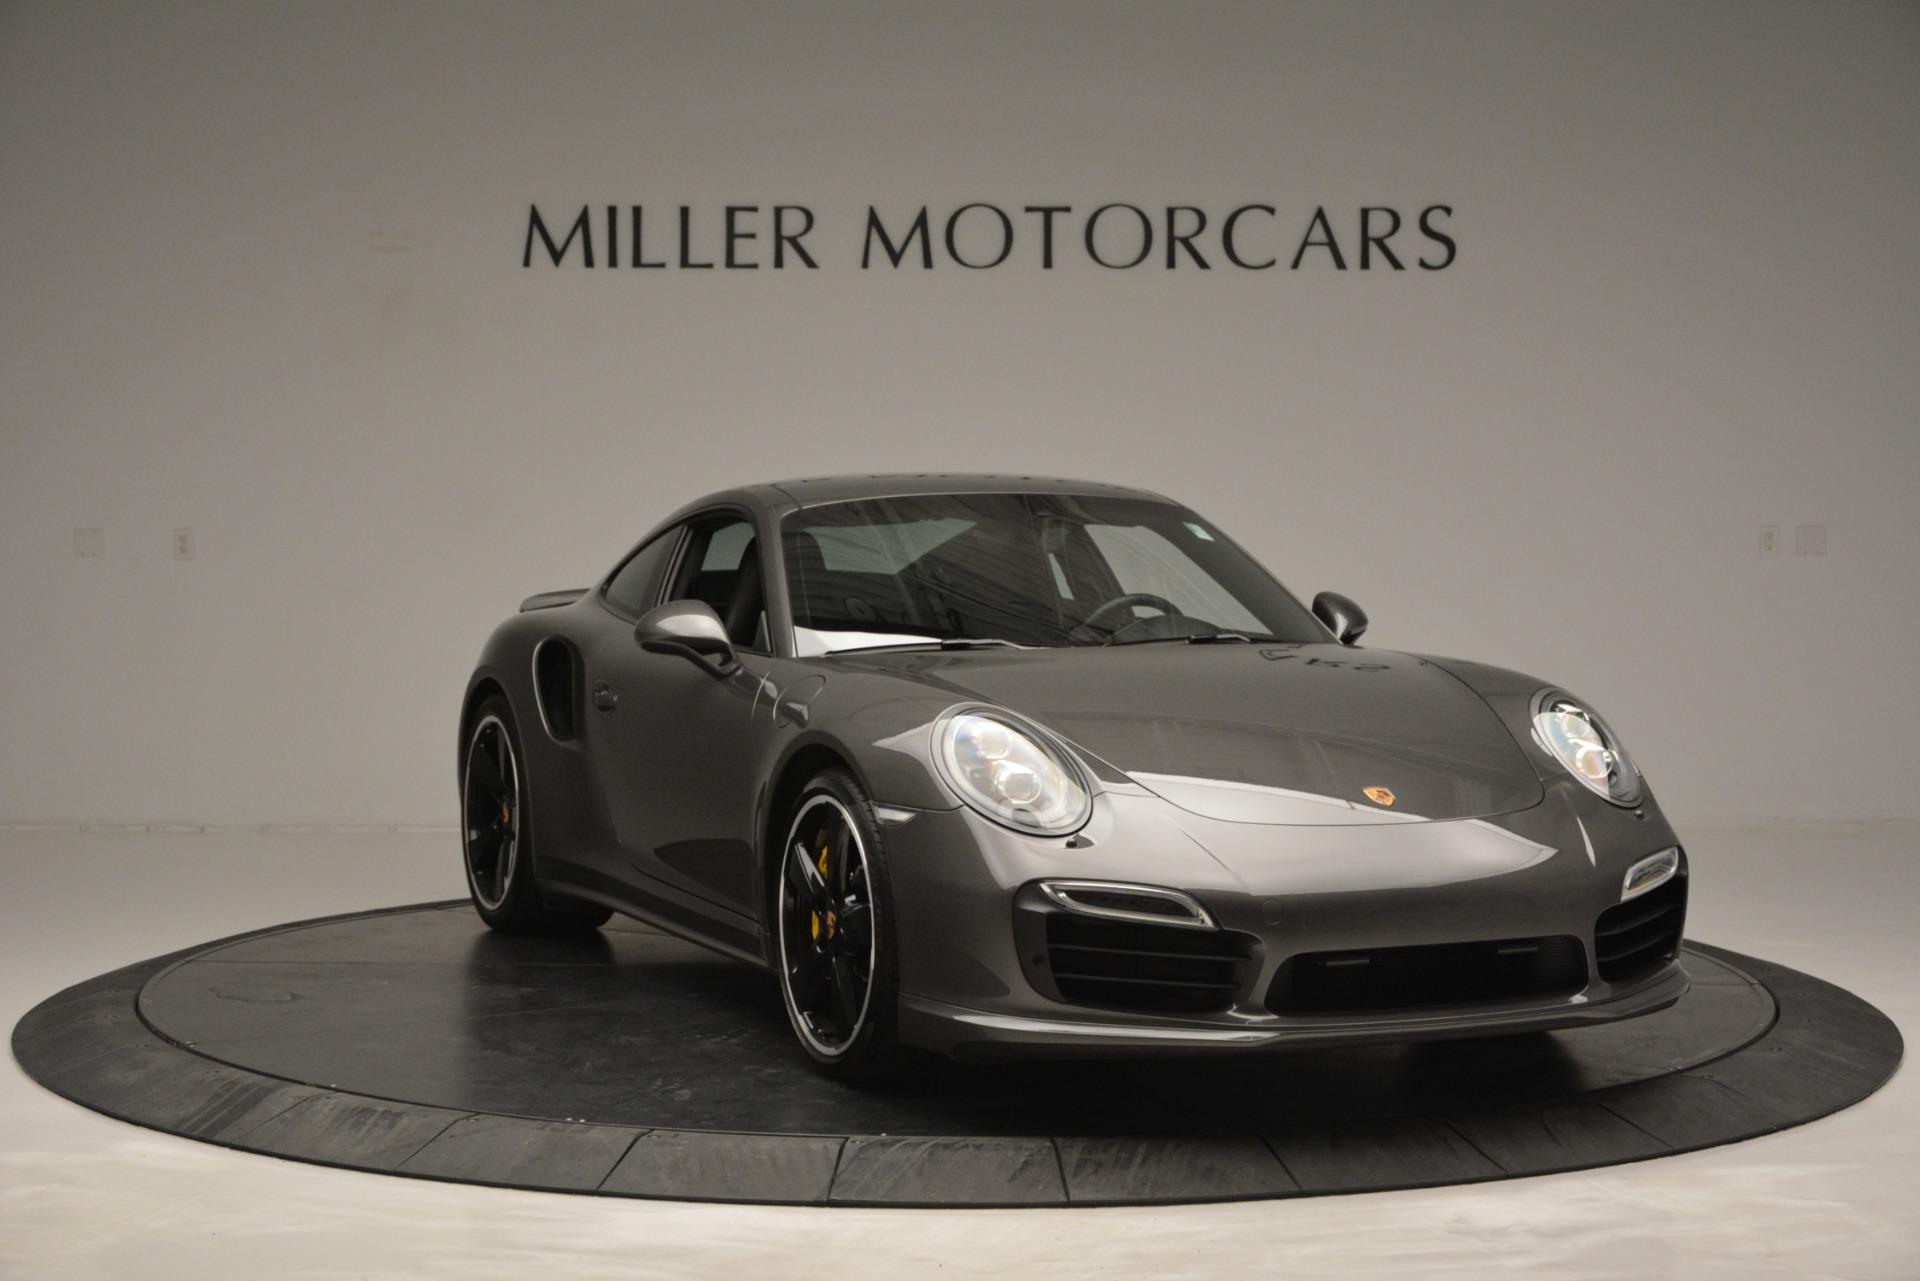 Used 2015 Porsche 911 Turbo S For Sale In Westport, CT 2923_p11